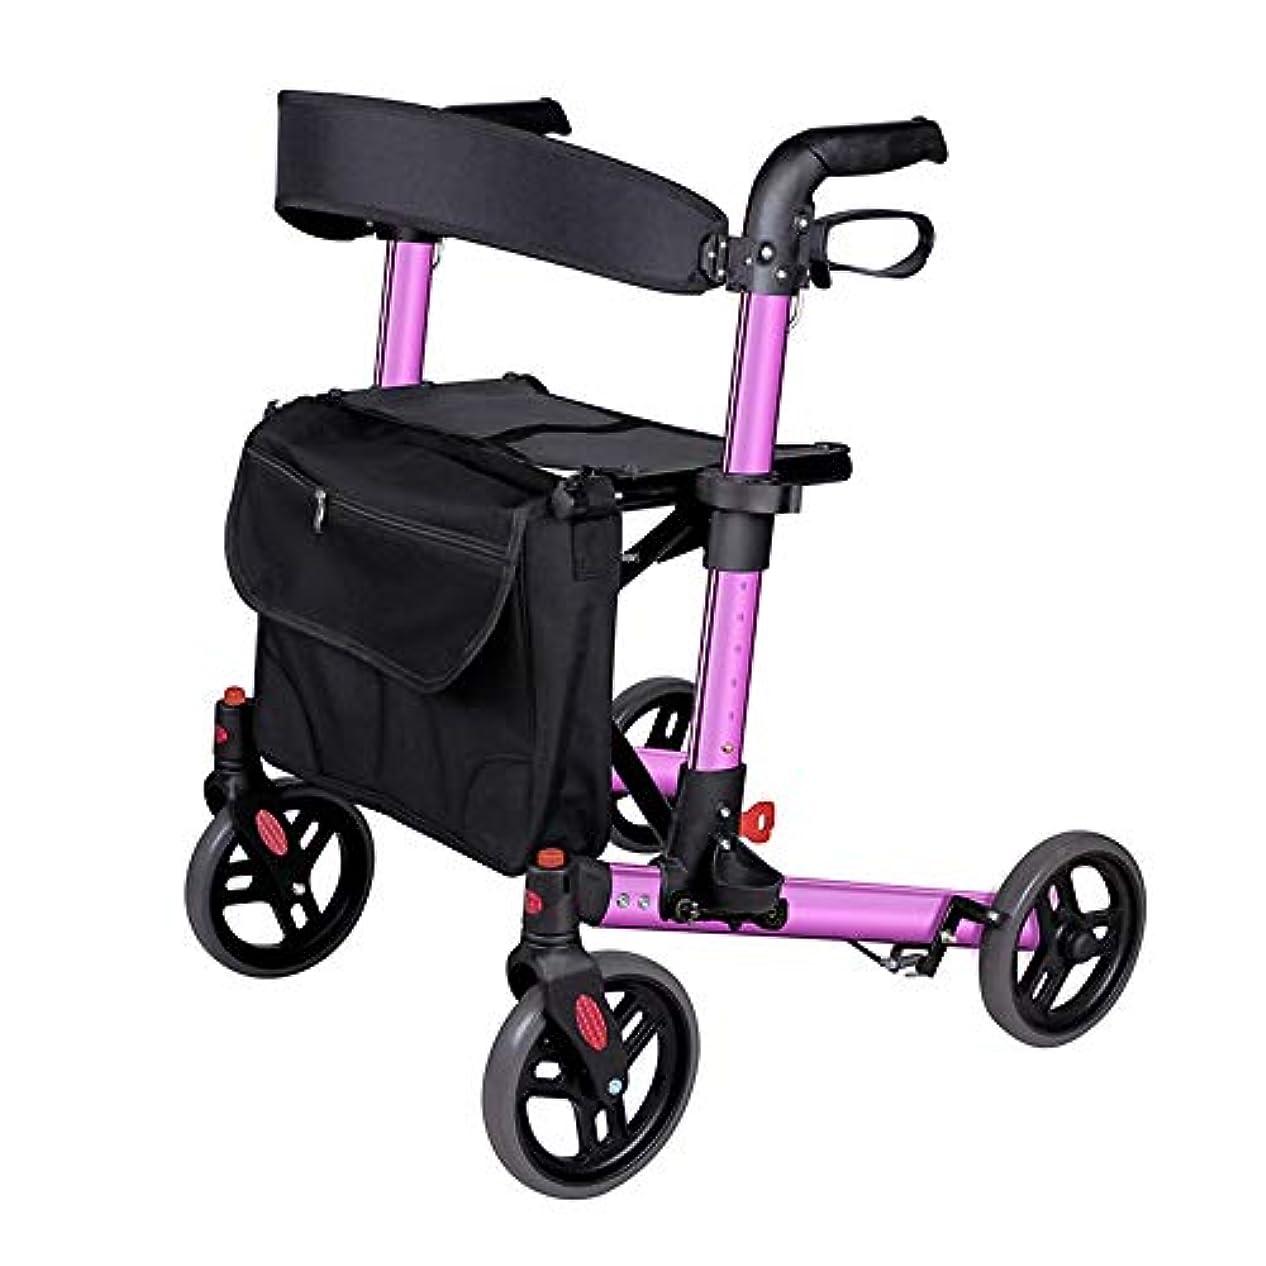 アノイ急行するお互い老人のショッピングカートのプッシュは、歩行歩行器に座ることができます